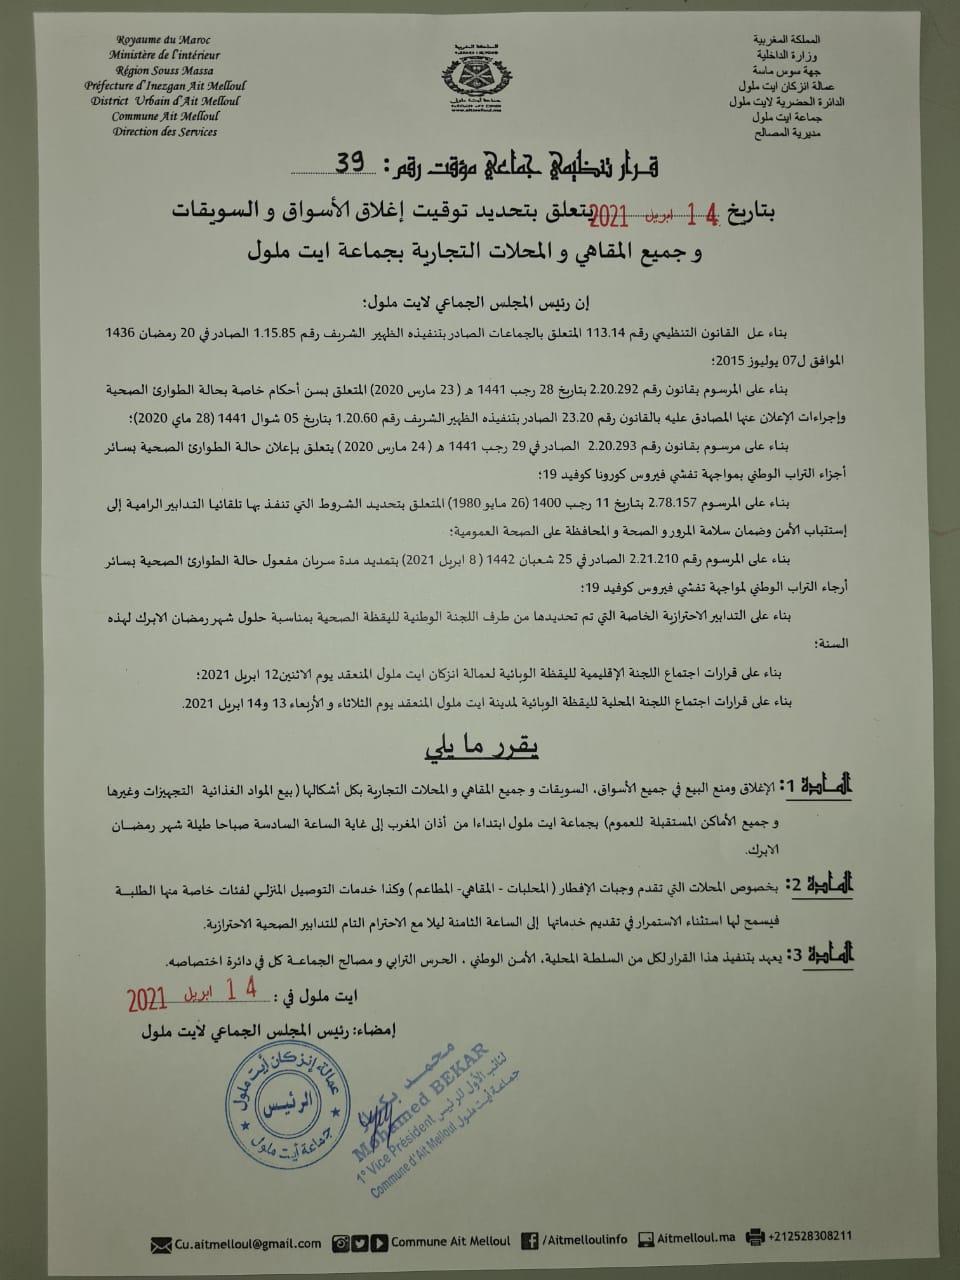 قرار تنظيمي جماعي مؤقت رقم 39 بتاريخ 14 أبريل 2021 بتحديد تاريخ إغلاق الأسواق والسويقات وجميع المقاهي والمحلات التجارية بجماعة أيت ملول